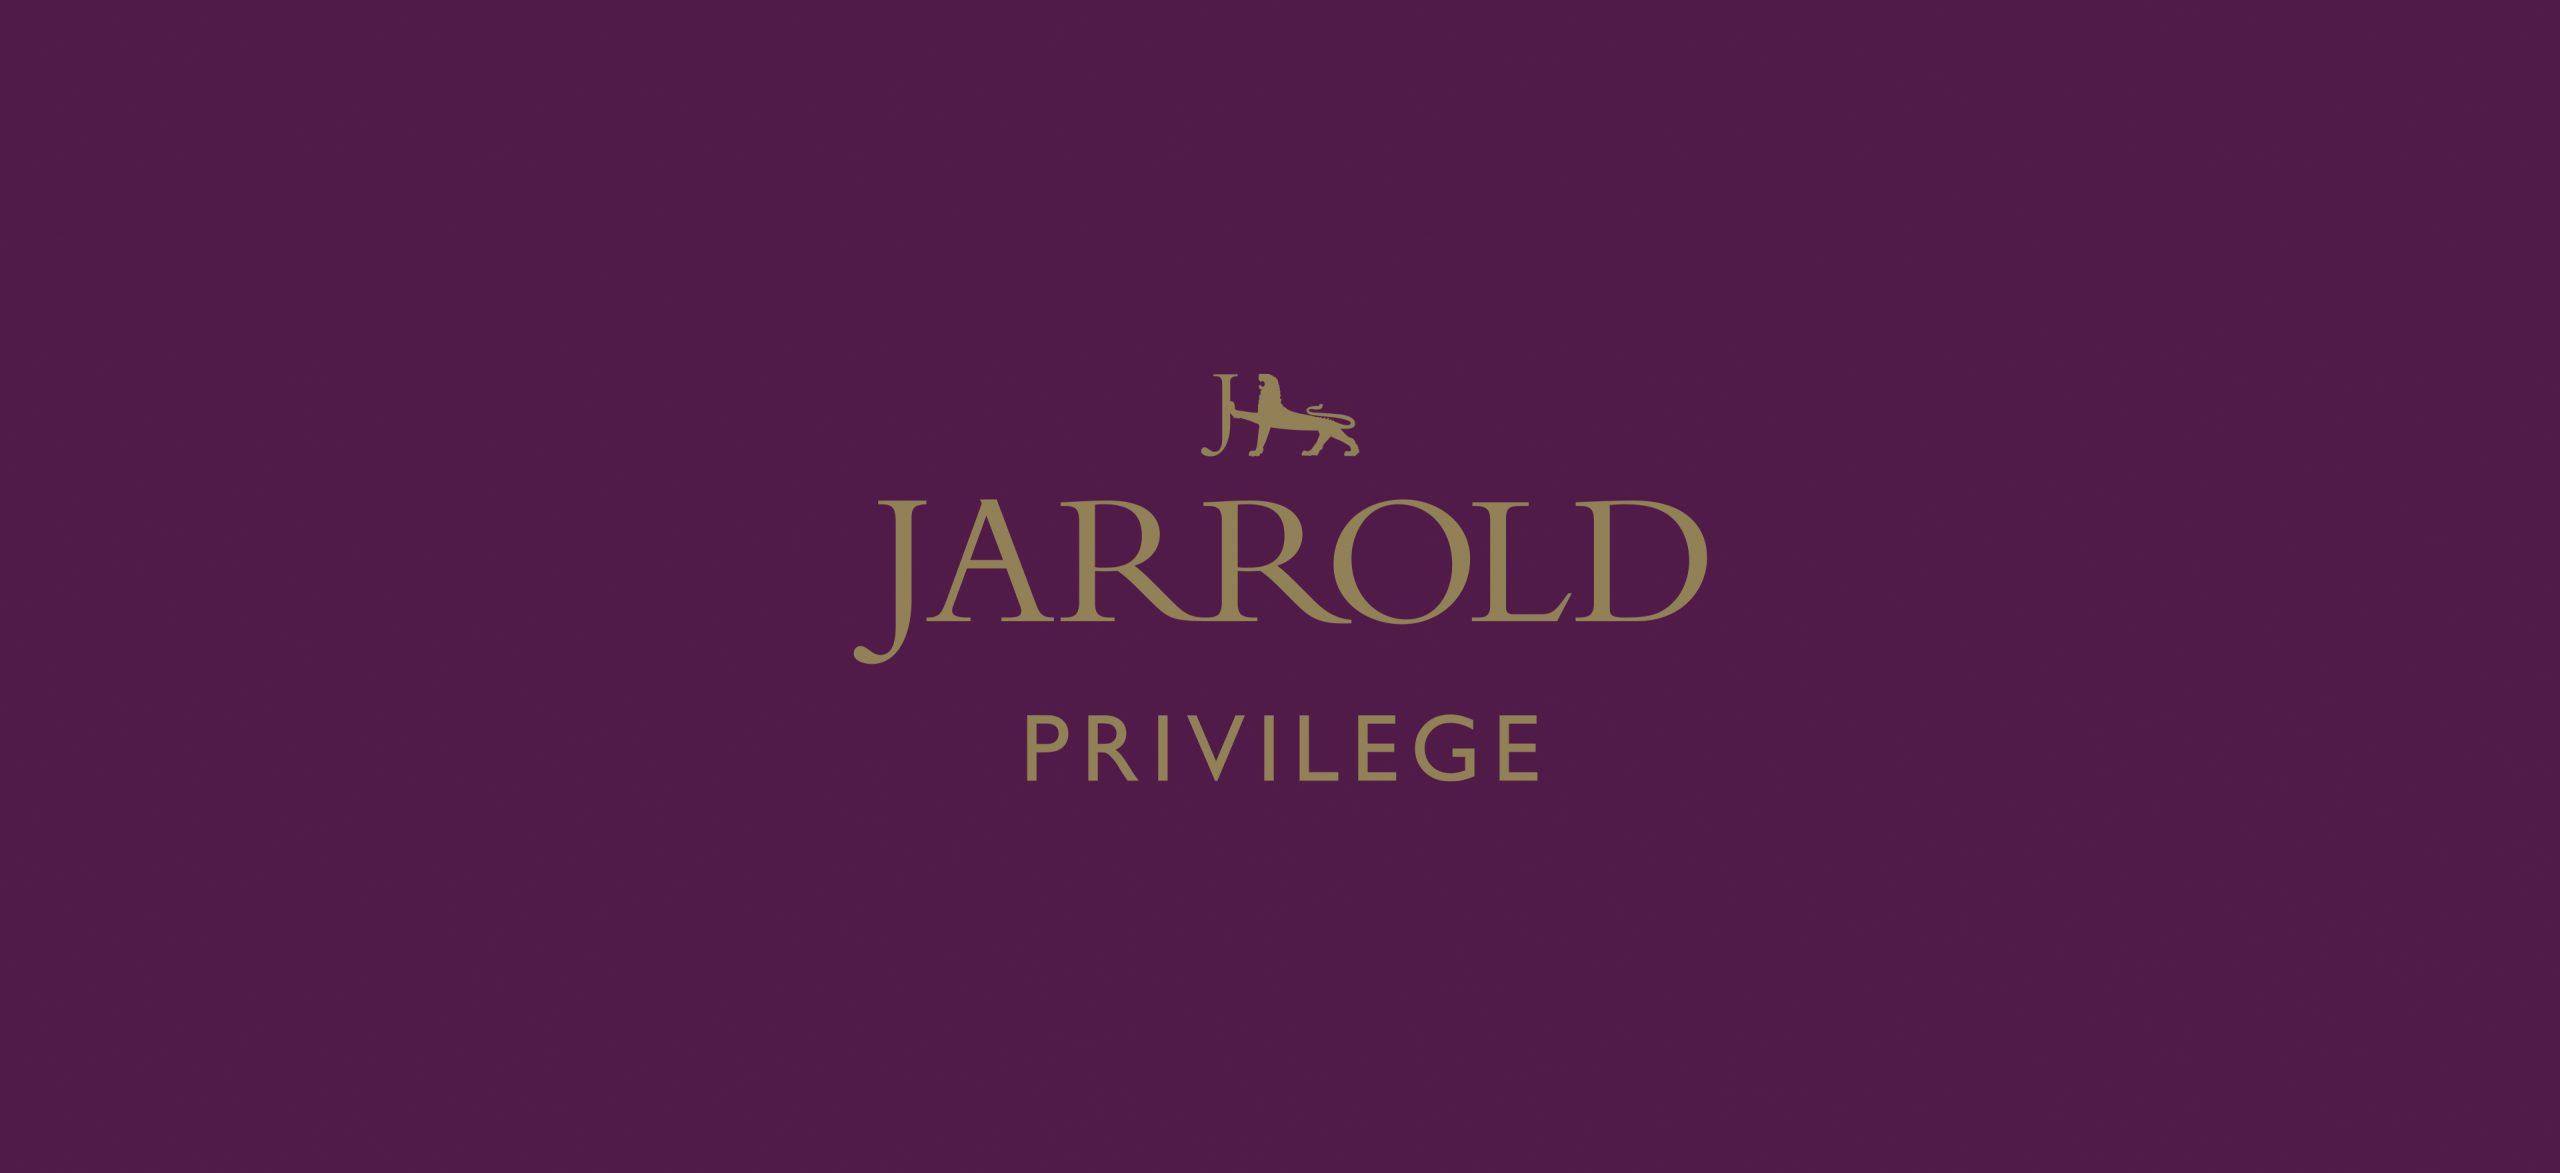 Jarrold logo full